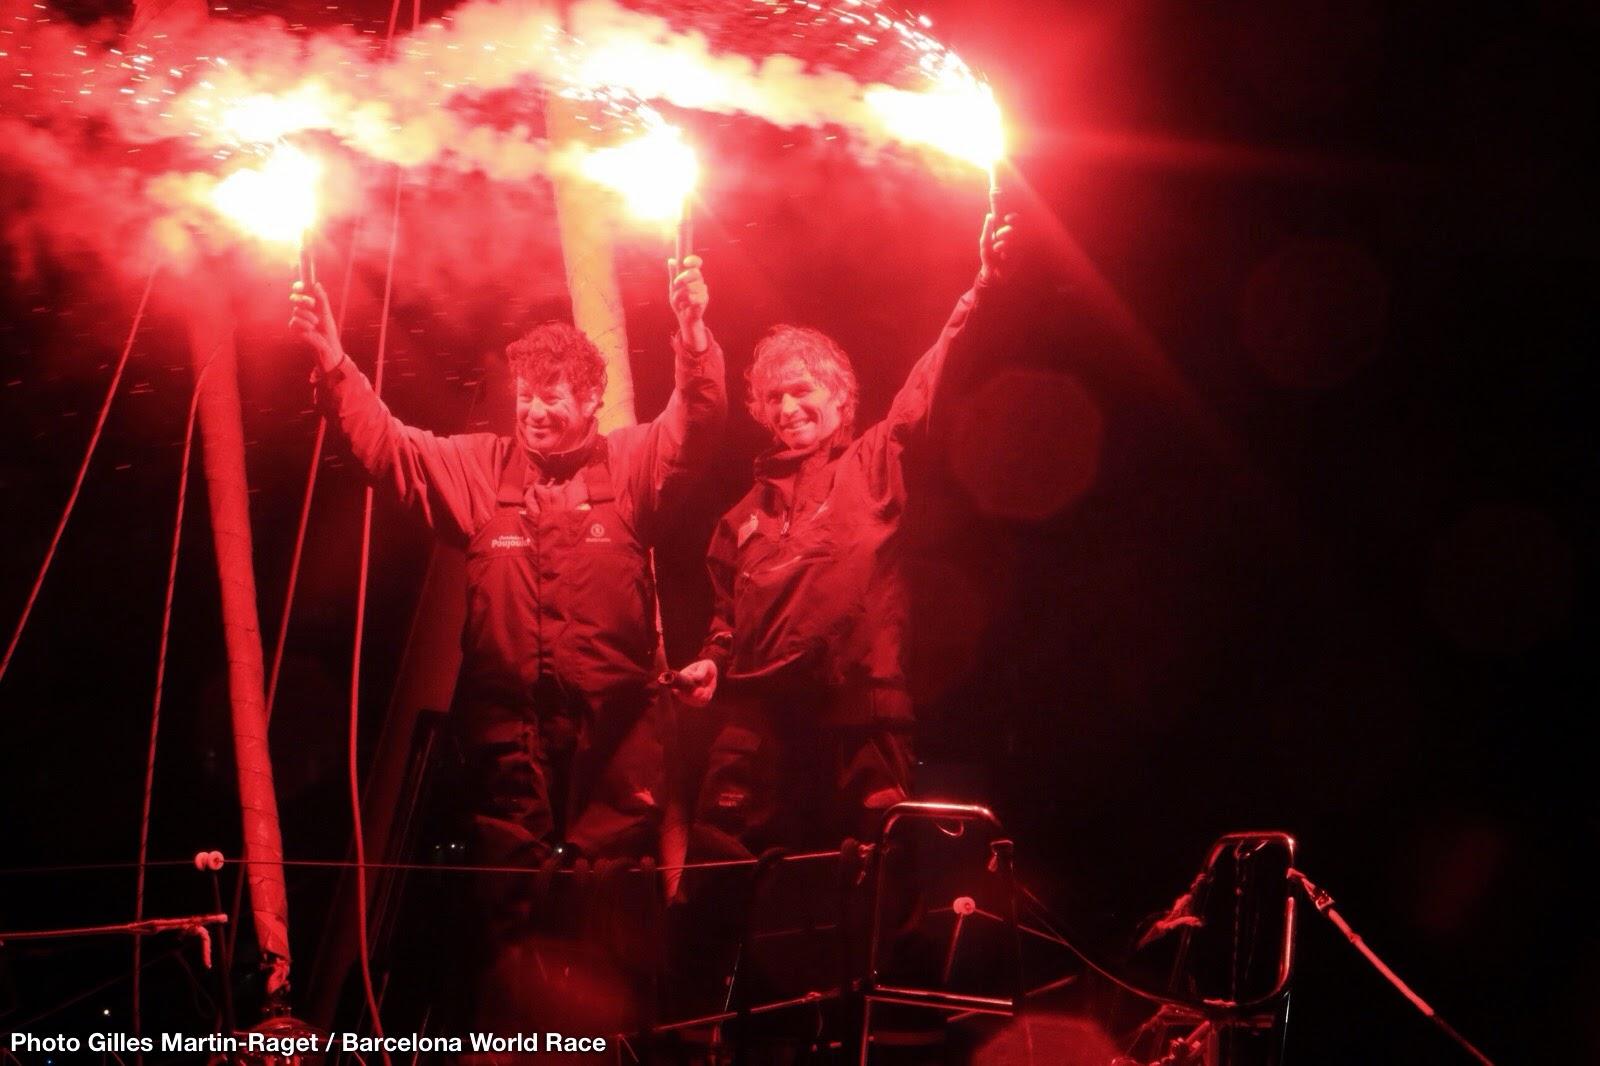 Victoire de Bernard Stamm et Jean Le Cam à Barcelone !